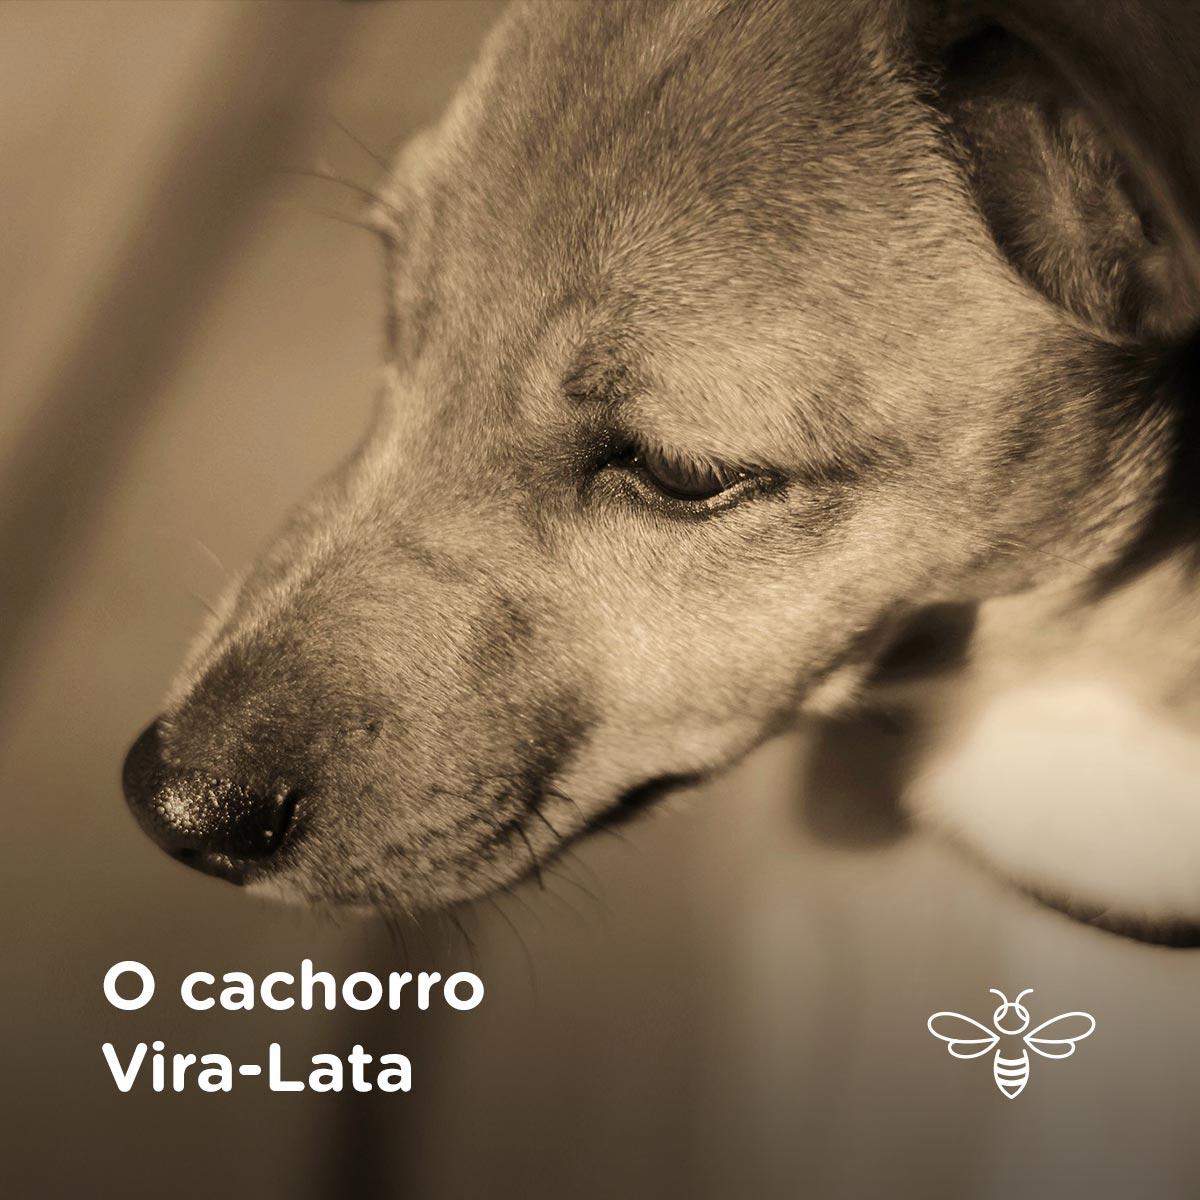 O cachorro Vira-Lata